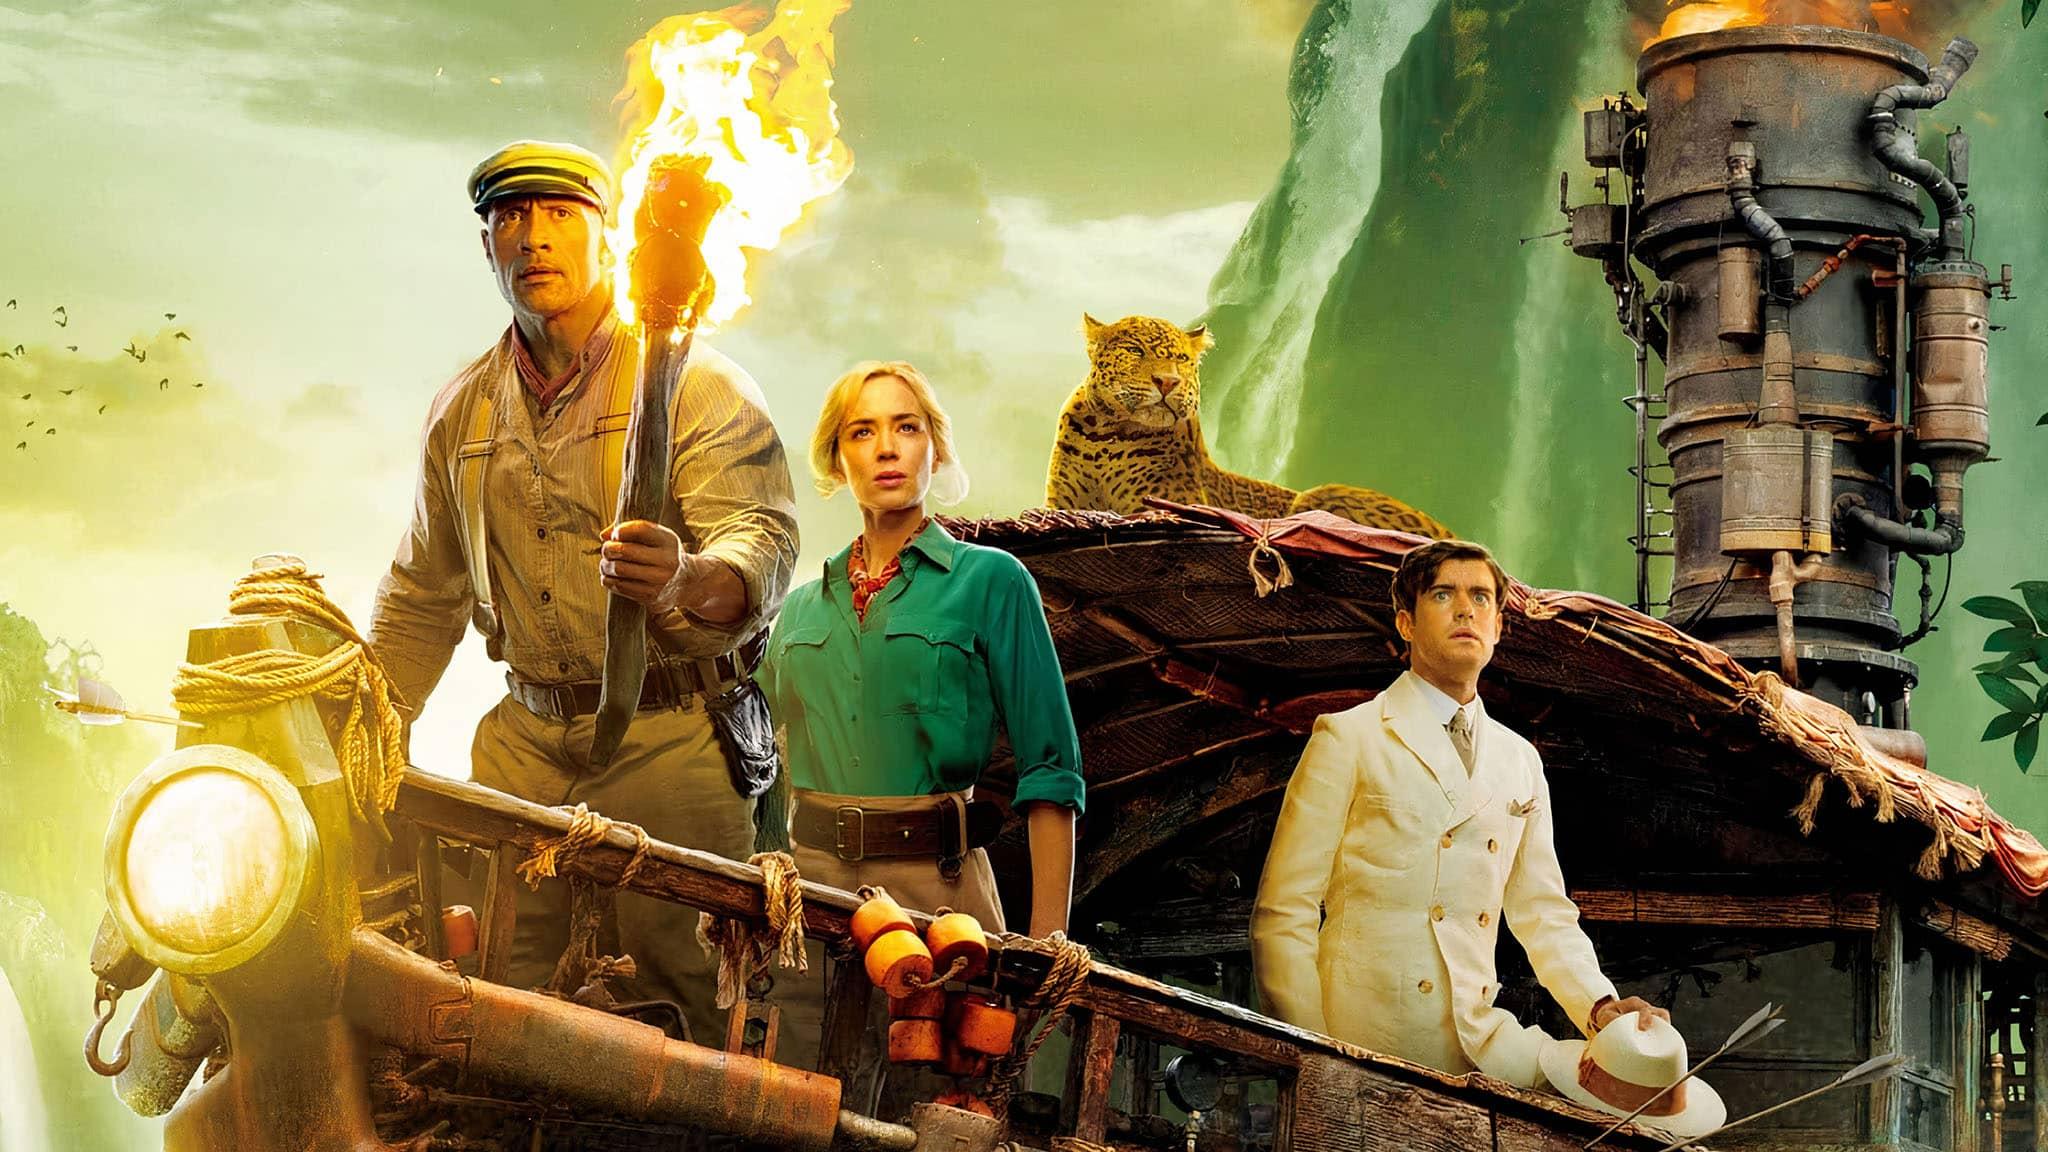 فيلم Jungle Cruise 2021 مترجم